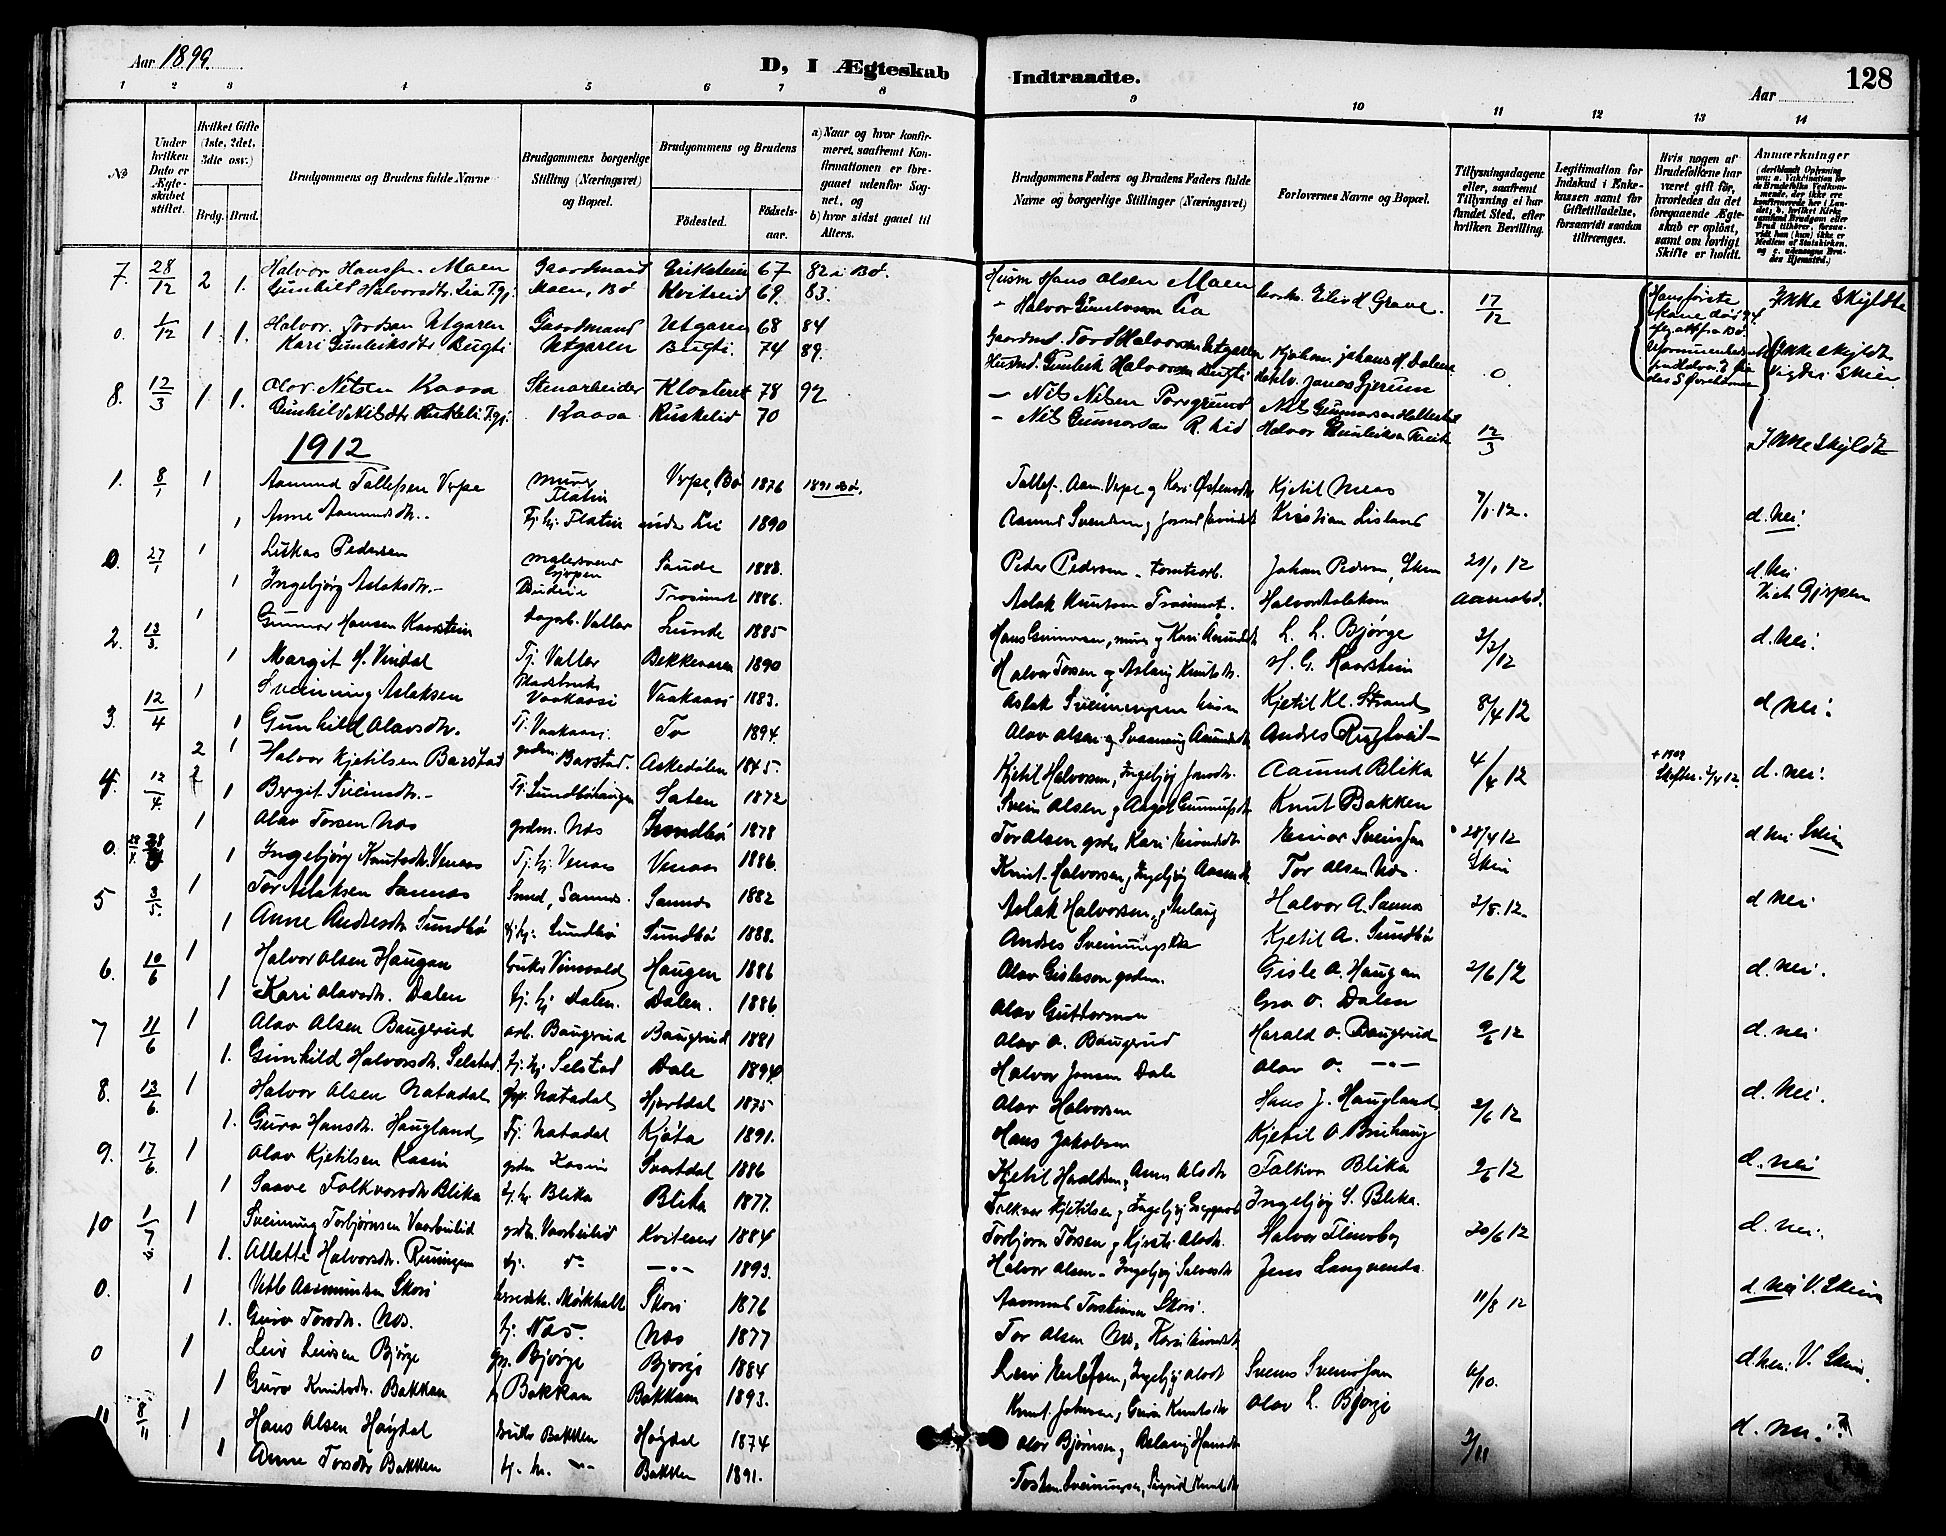 SAKO, Seljord kirkebøker, G/Ga/L0005: Klokkerbok nr. I 5, 1887-1914, s. 128